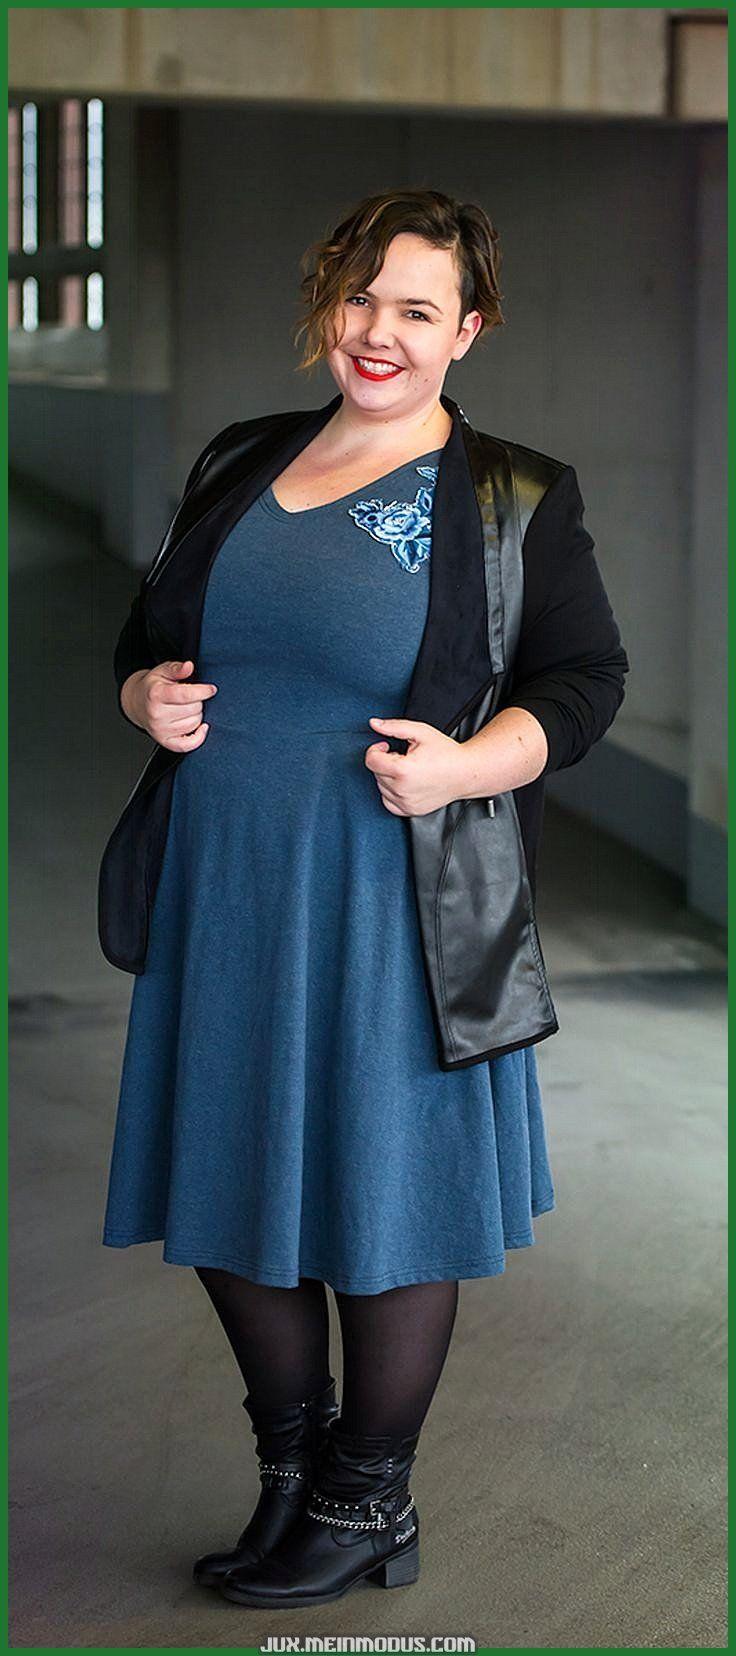 Kreative und Großartige Mode für jedes mollige. Ein Kleid für jedes große Größen und große ge…